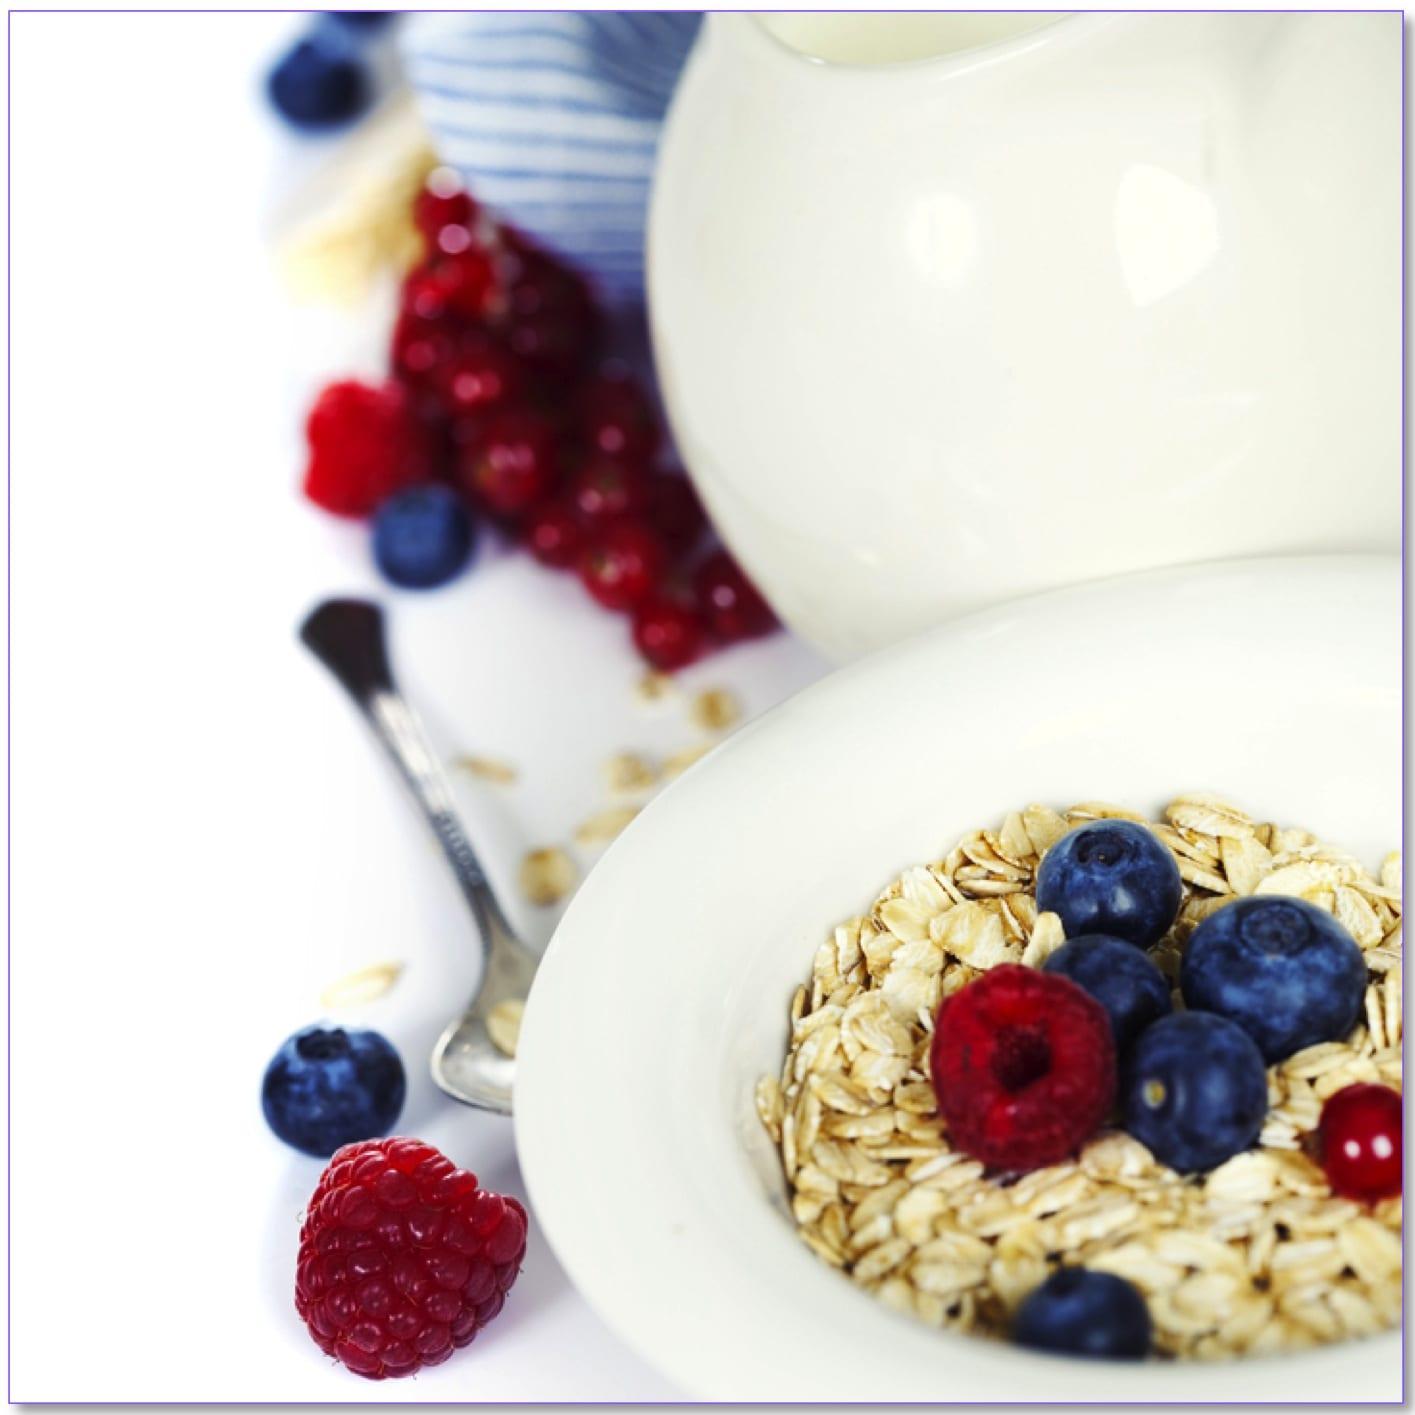 Oats & Berries with Milk